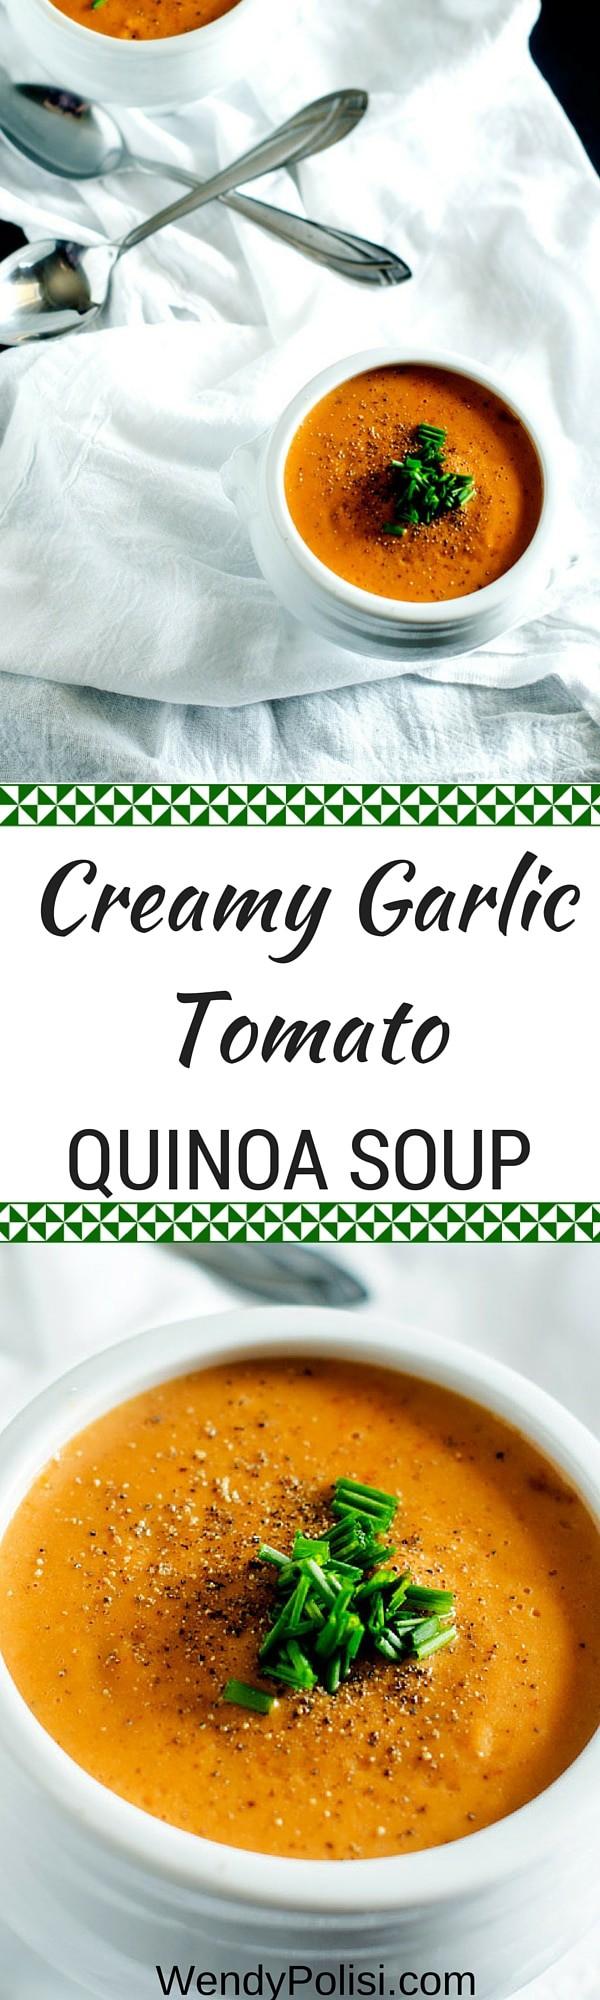 Creamy Garlic Tomato Quinoa Soup - Made with Quinoa Cream! WendyPolisi.com